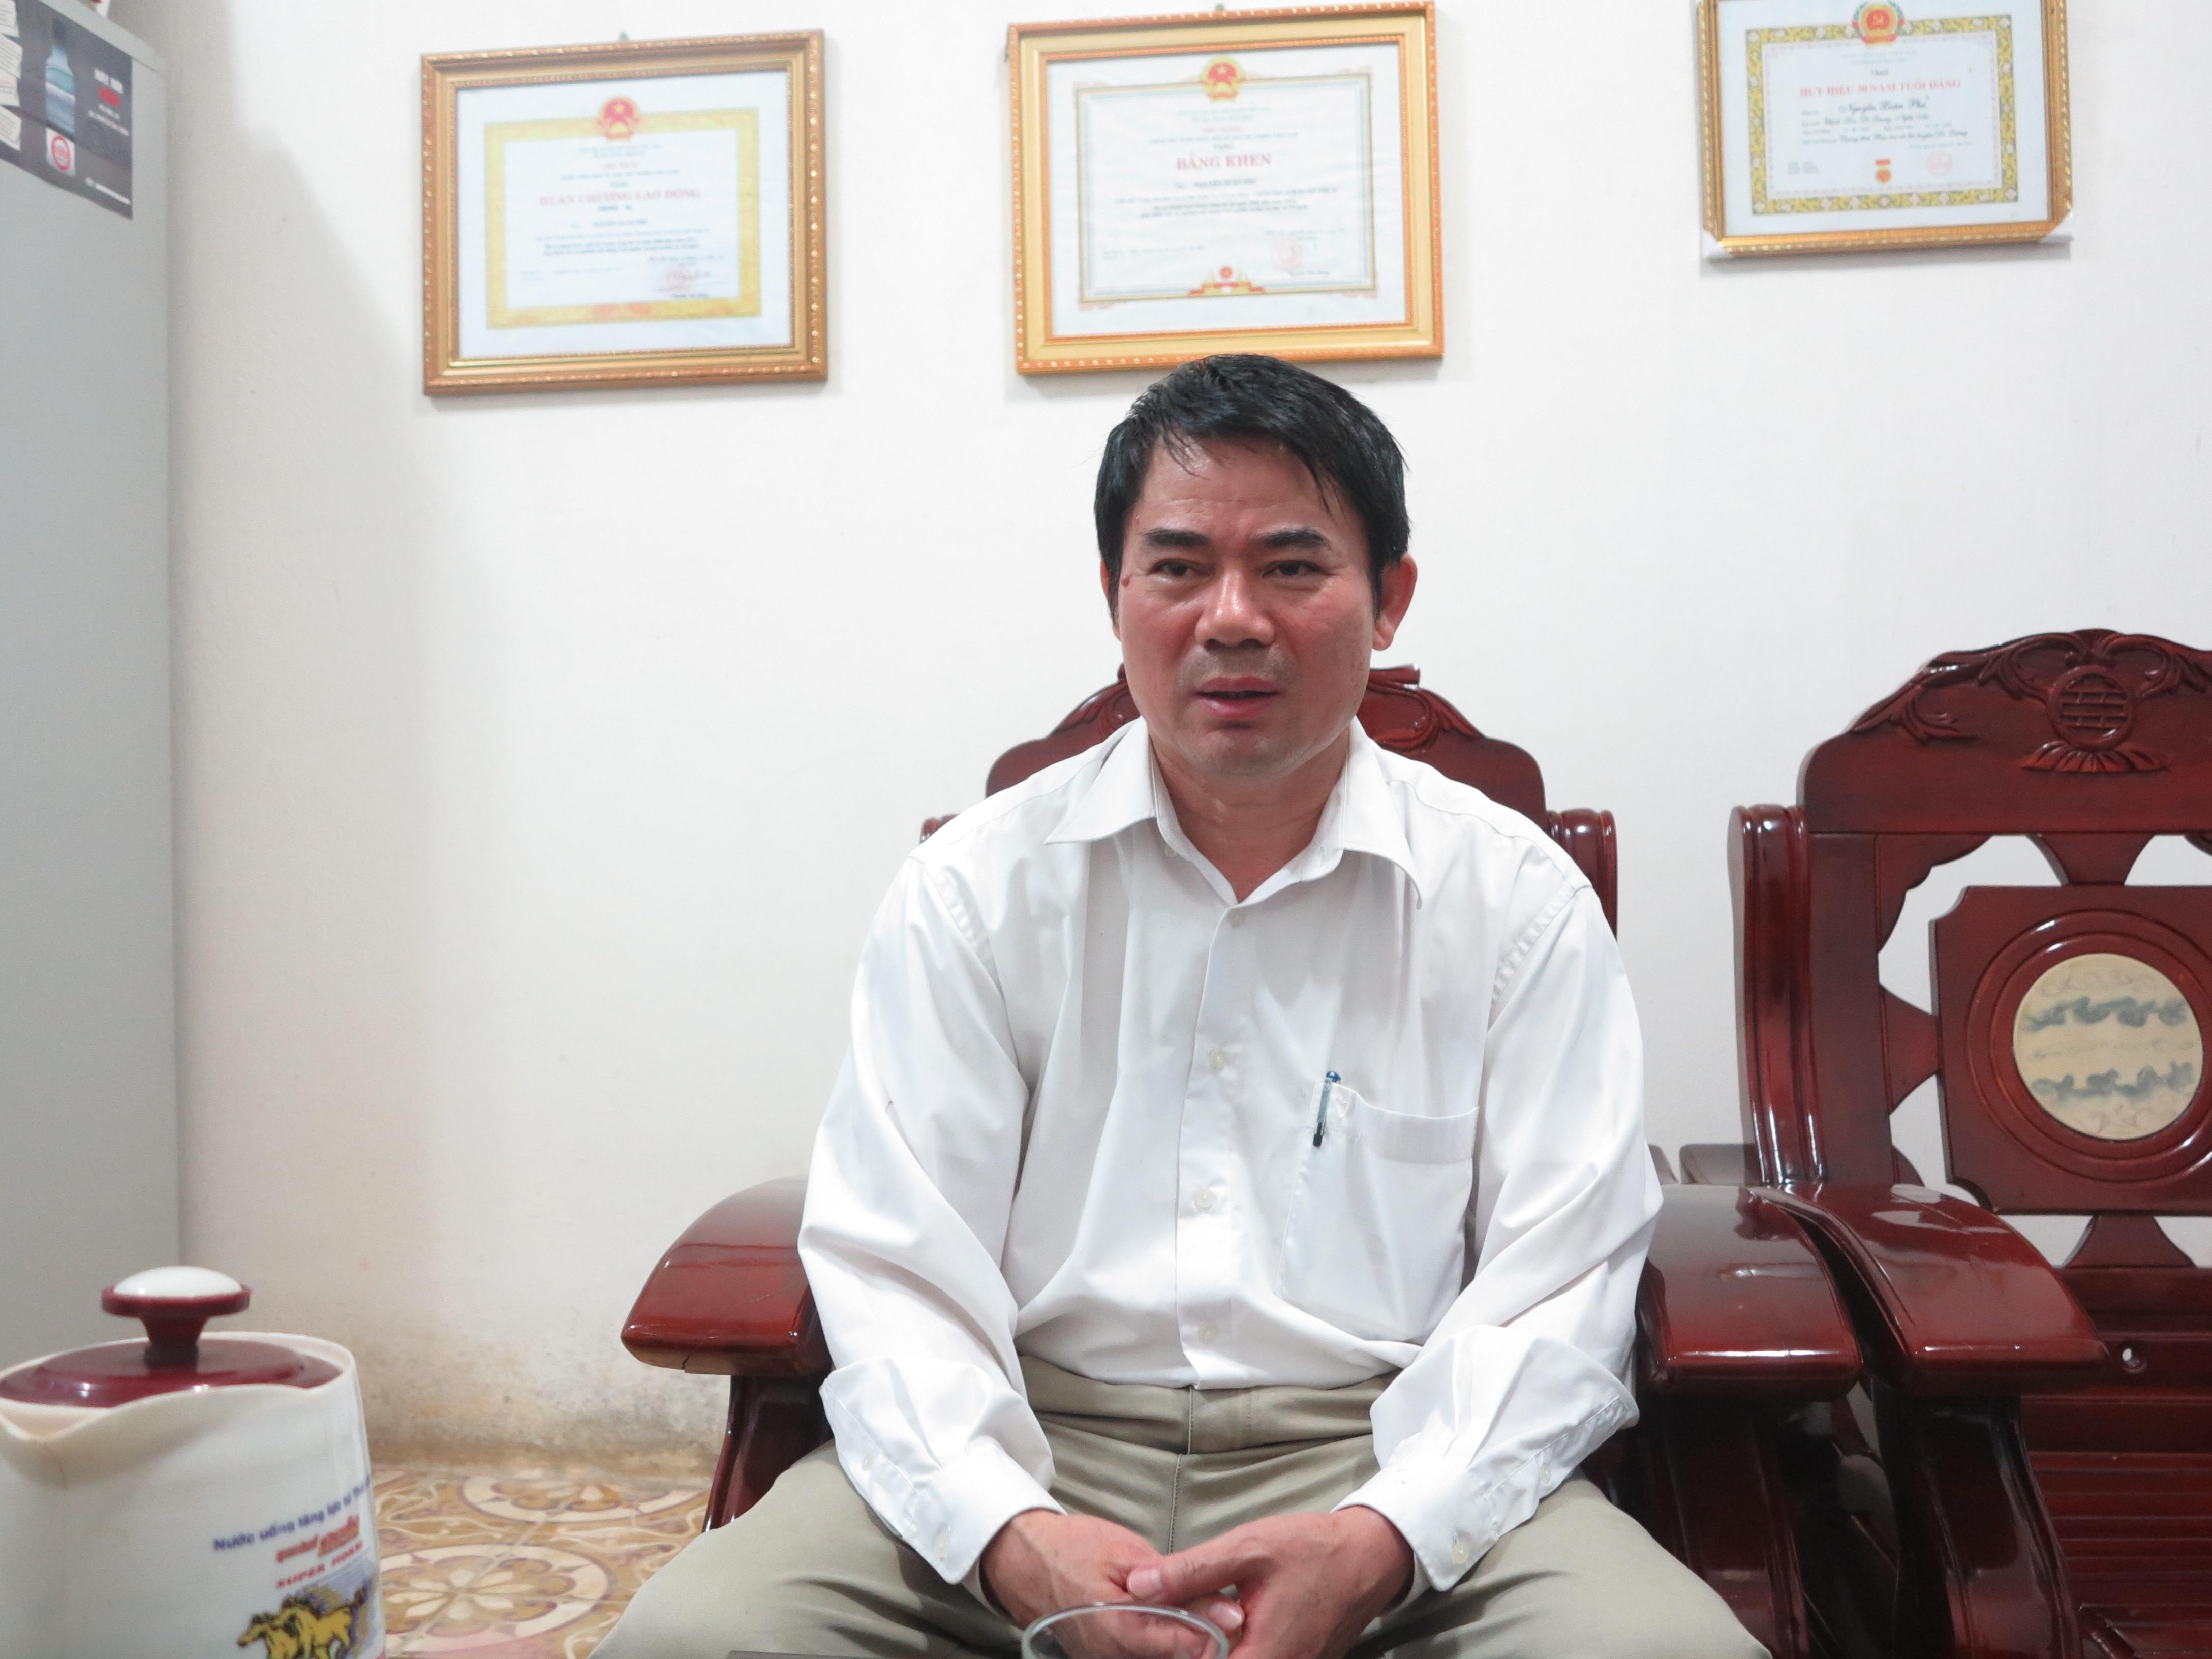 Ông Nguyễn Xuân Phú - GĐ Trung tâm bảo trợ xã hội Nghệ An: Tôi chỉ mong mọi người một lần đến đây rồi hãy phán xét sự việc.